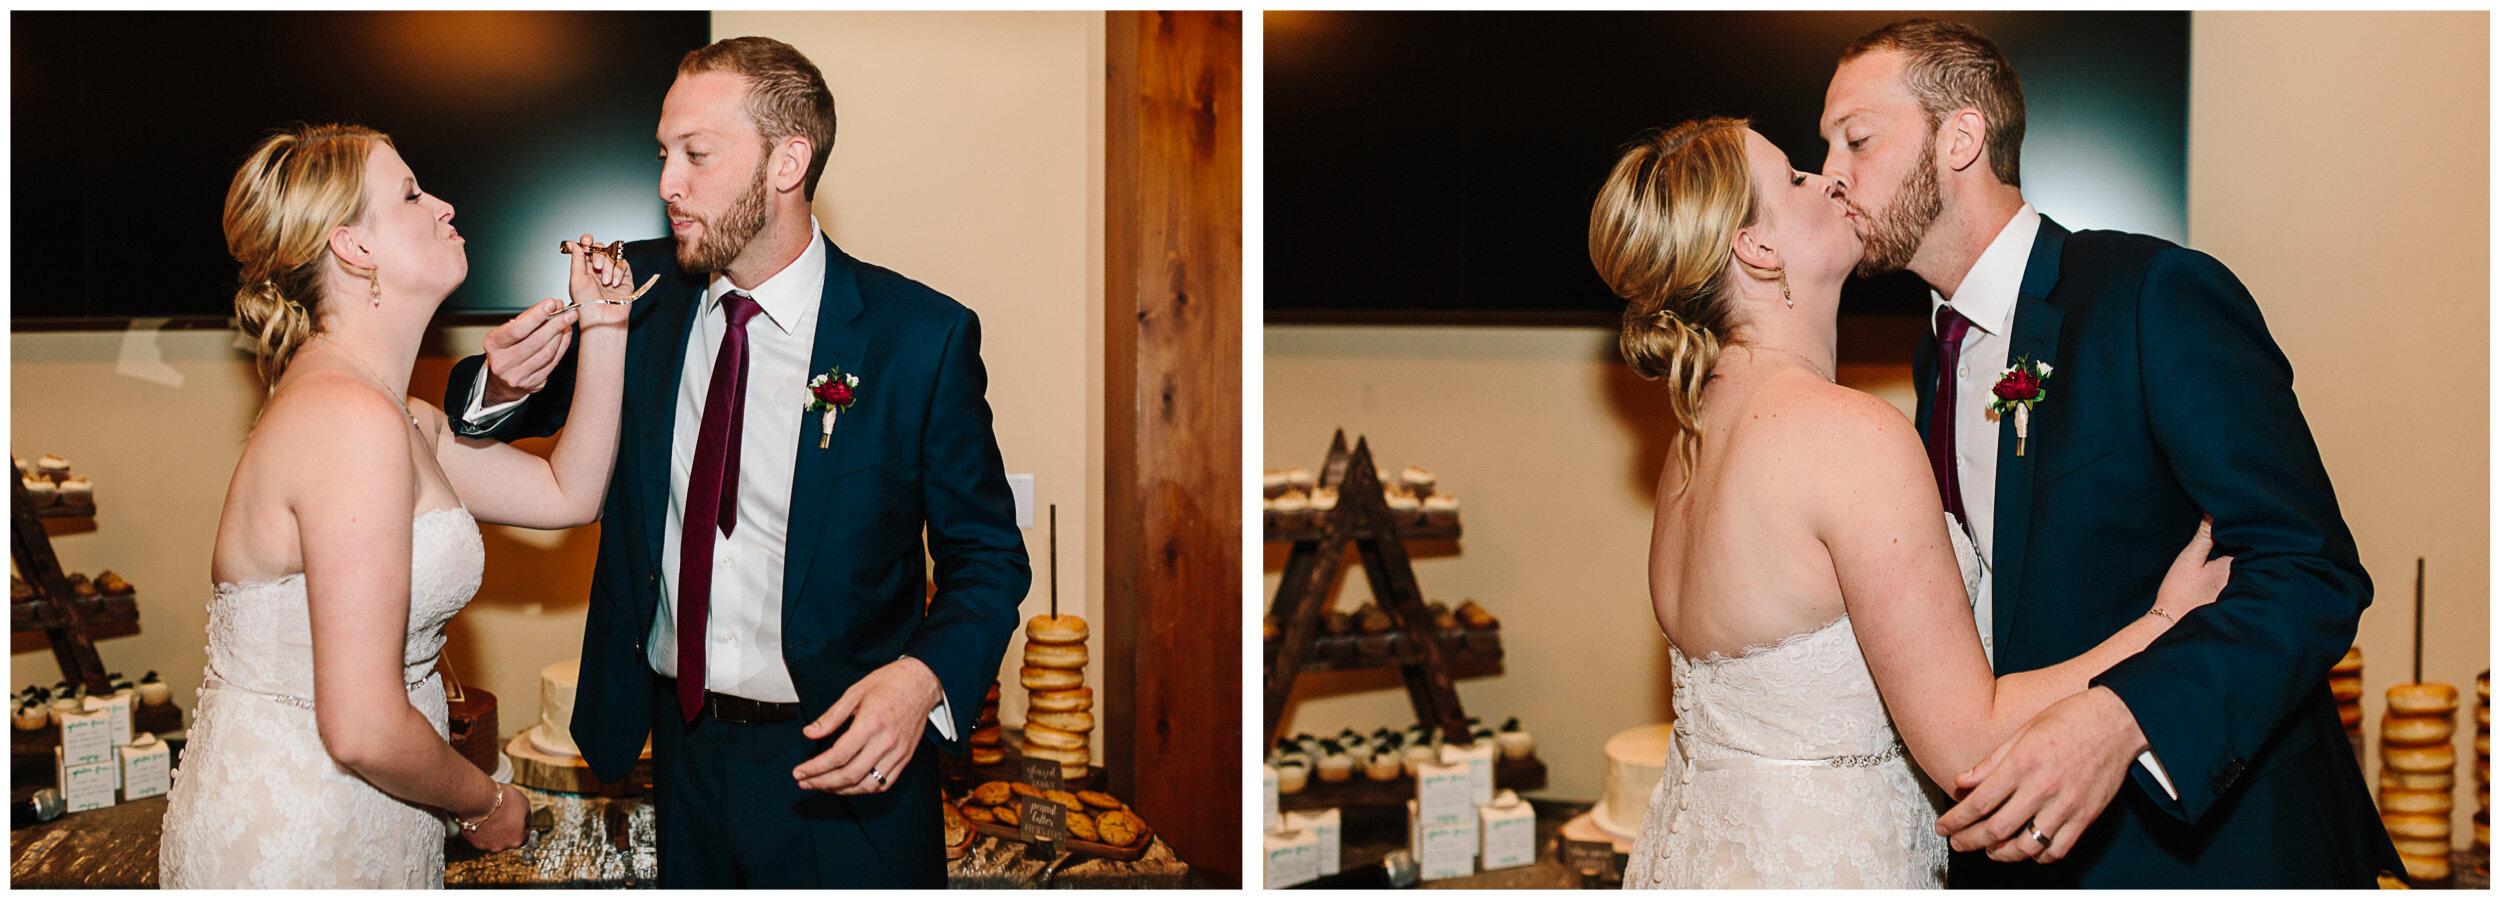 vail_wedding_105.jpg